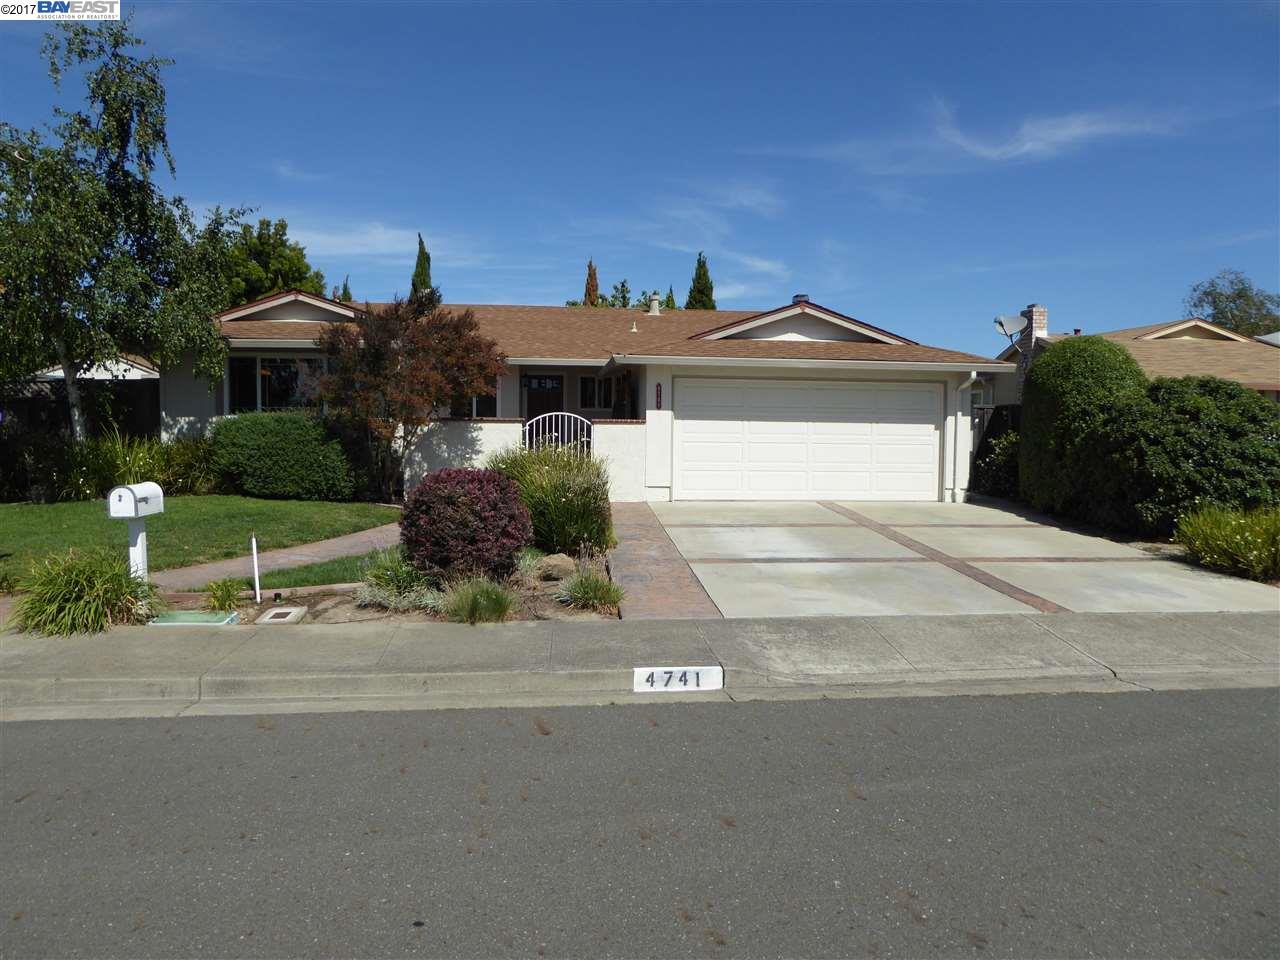 4741 Michelle Way, UNION CITY, CA 94587